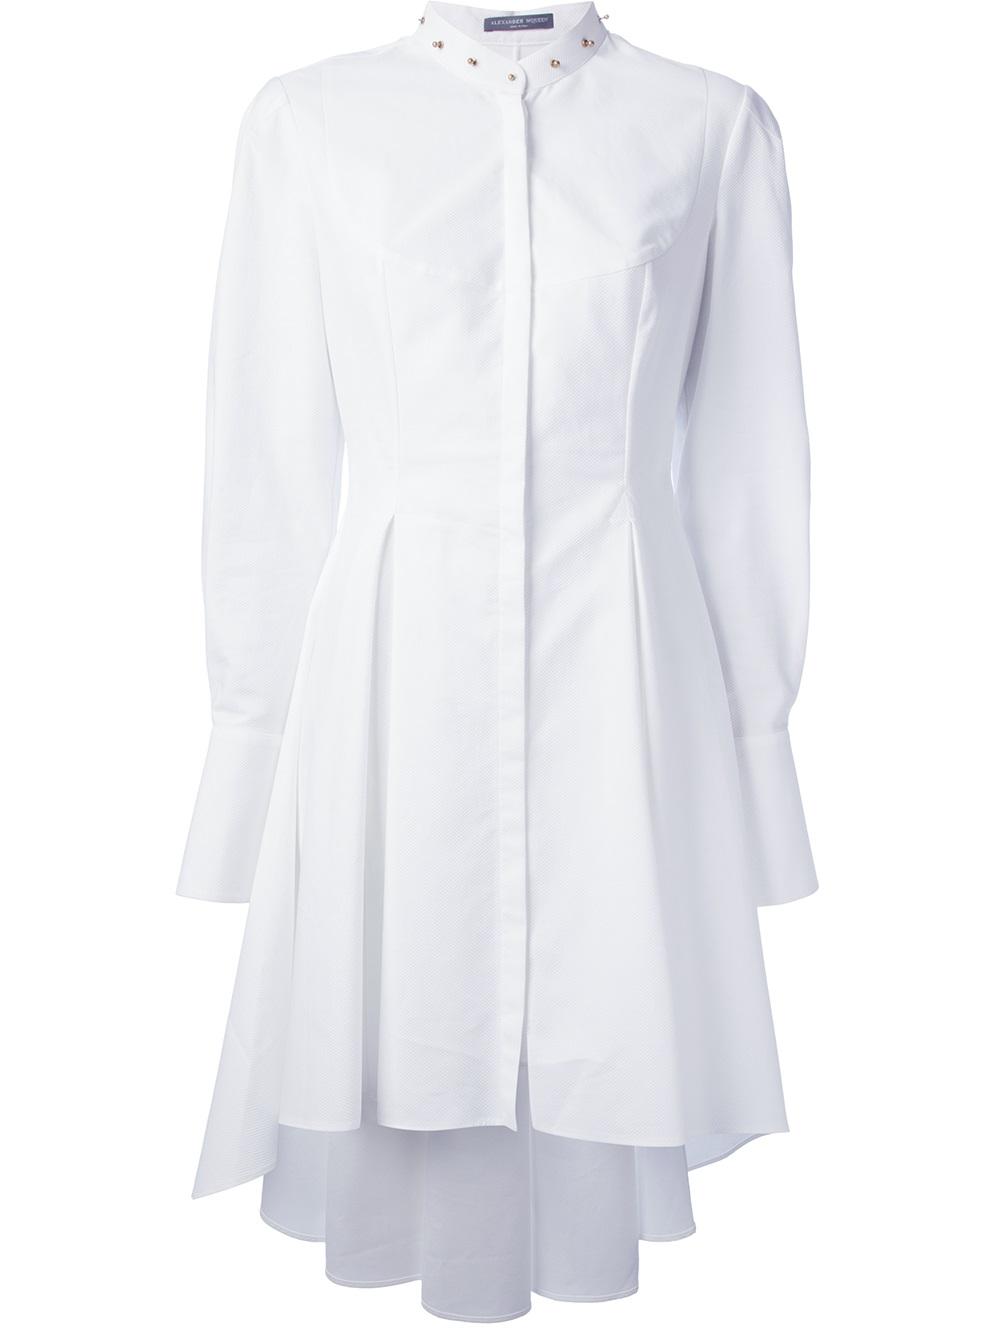 Alexander Mcqueen Studded Collar Shirt Dress In White Lyst